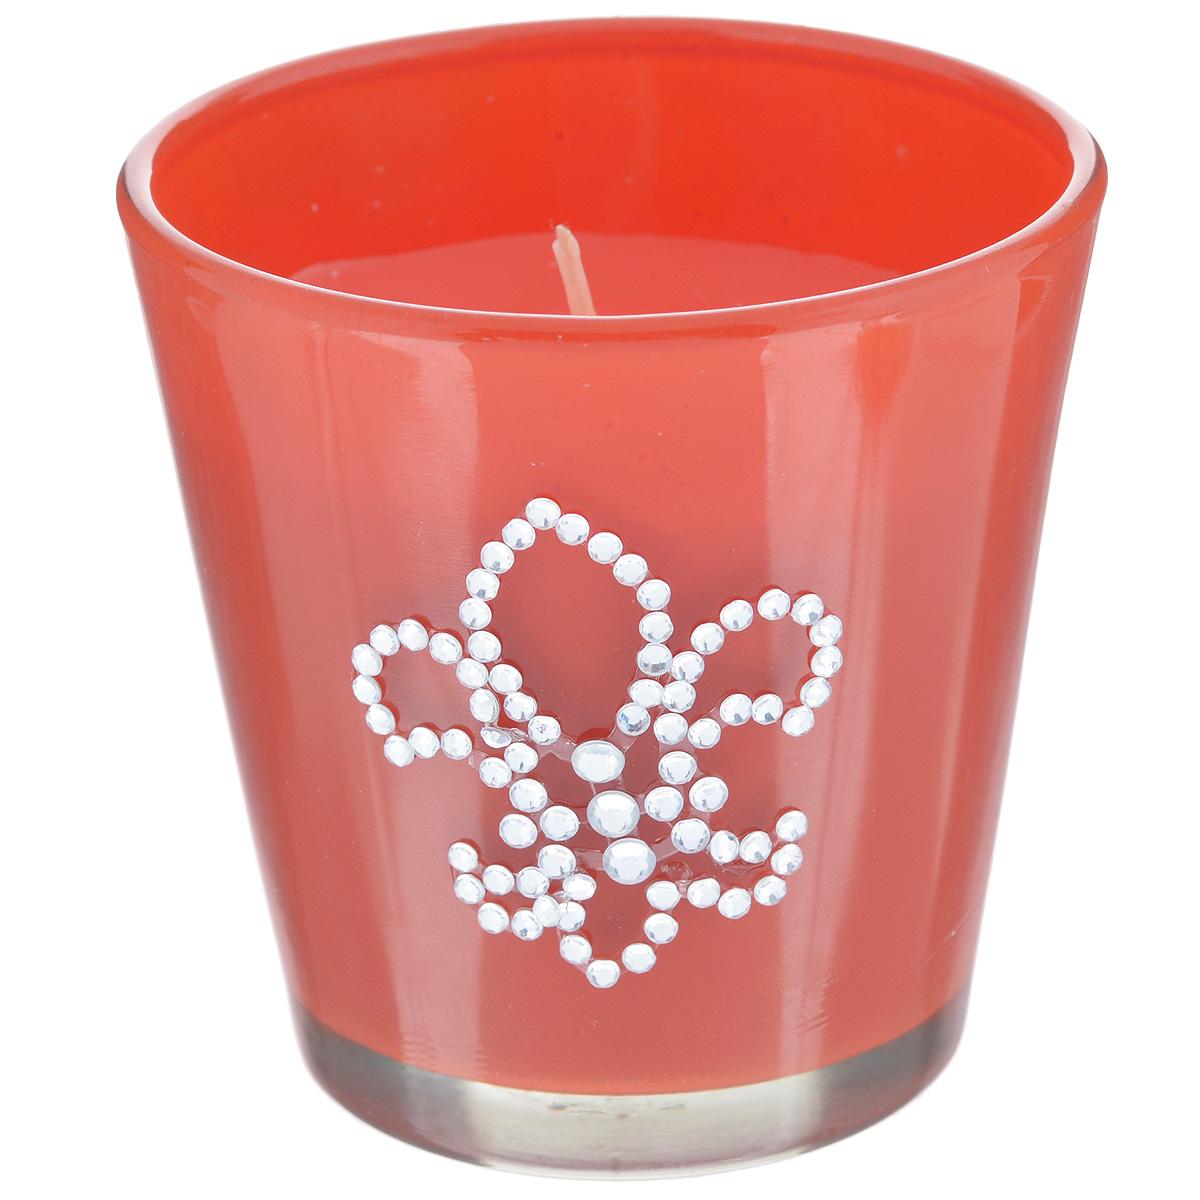 Свеча декоративная Феникс-презент Апельсин, ароматизированная32764Оригинальная ароматизированная свеча Феникс-презент Апельсин, изготовленная из парафина, помещена в стакан из матового стекла, декорированный стразами. Свеча наполнит вашу комнату приятным цитрусовым ароматом и создаст в ней уютную атмосферу. Вы можете поставить свечу в любом месте, где она будет удачно смотреться и радовать глаз. Кроме того, эта свеча - отличный вариант подарка для ваших близких и друзей.